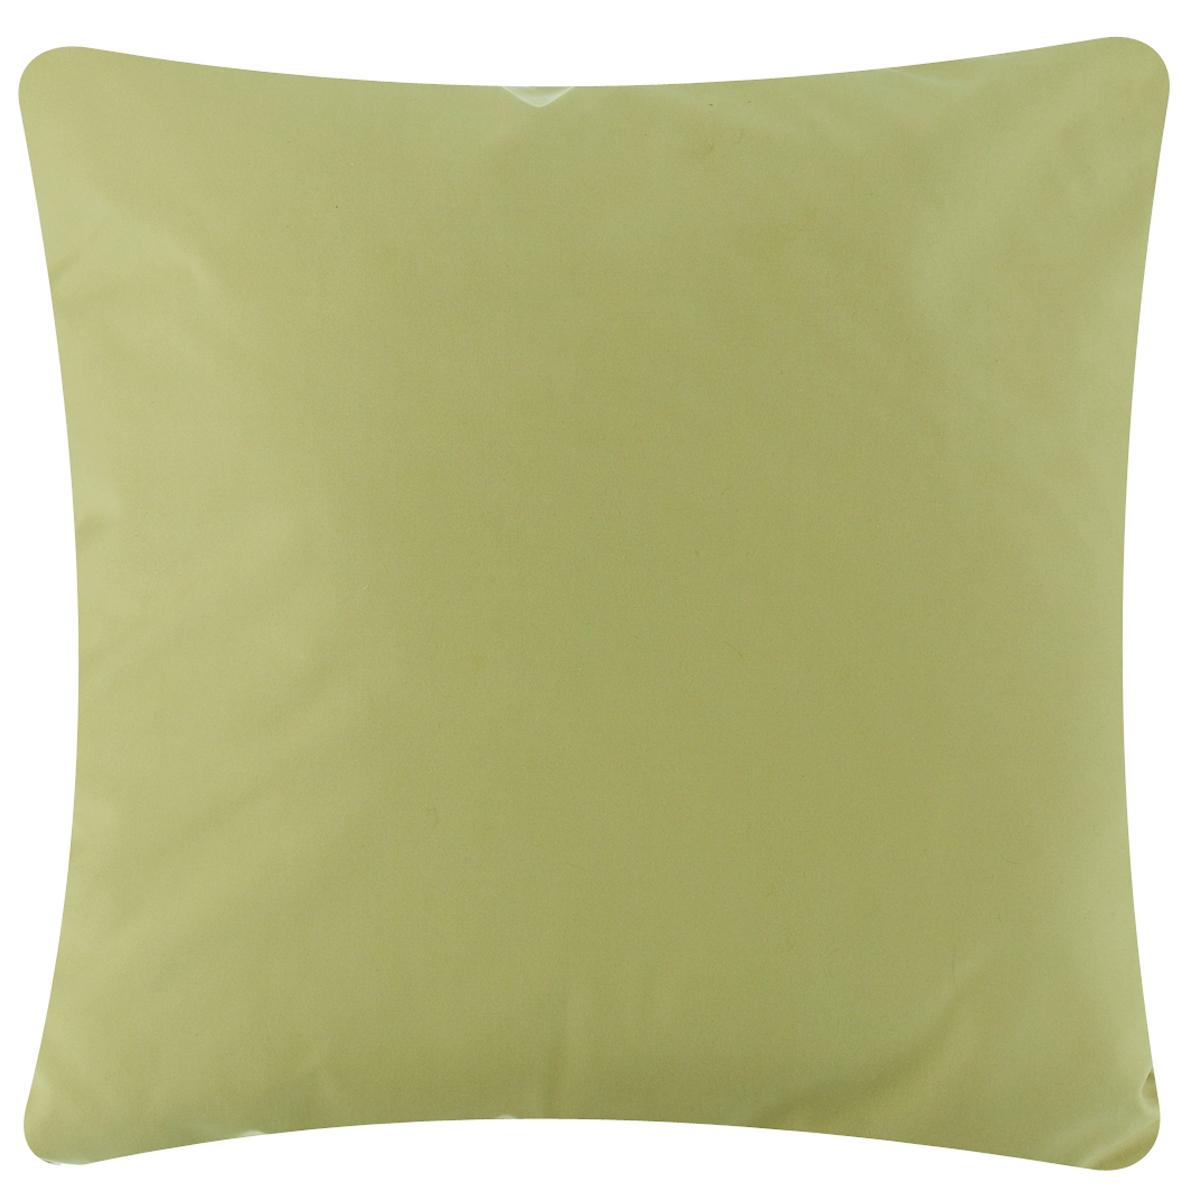 Подушка декоративная Proffi Оливки, 43 х 43 смPH5940Декоративная подушка Proffi Оливки - это яркое украшение вашего дома. Чехолвыполнен из приятного на ощупь полиэстера и закрывается на молнию. Внутри -мягкий наполнитель, изготовленный из синтепона. Лицевая сторона подушки одного цвета, задняя - другого.Стильная и яркая подушка эффектно украсит интерьер и добавит в привычнуюобстановку изысканность и роскошь.